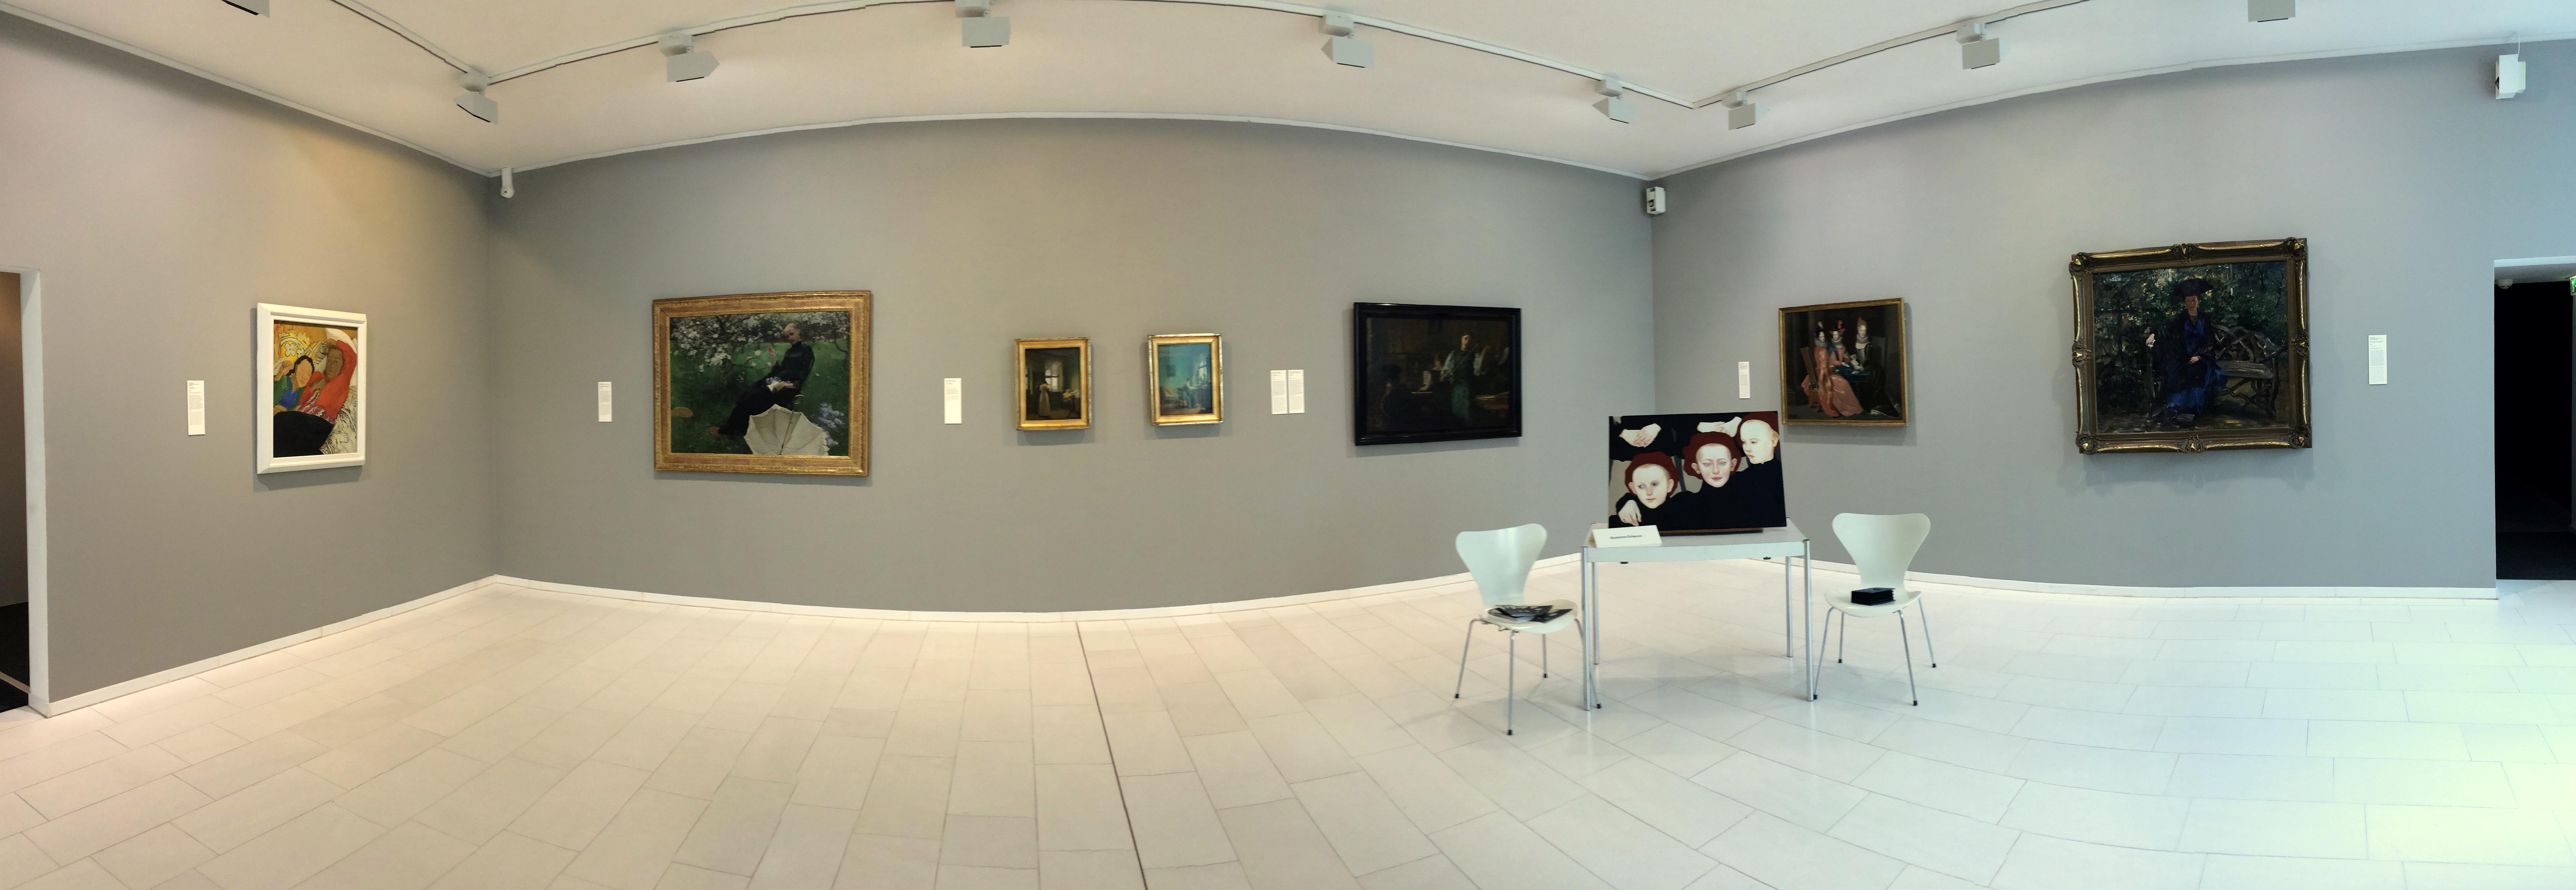 175 Jahre für die Kunst